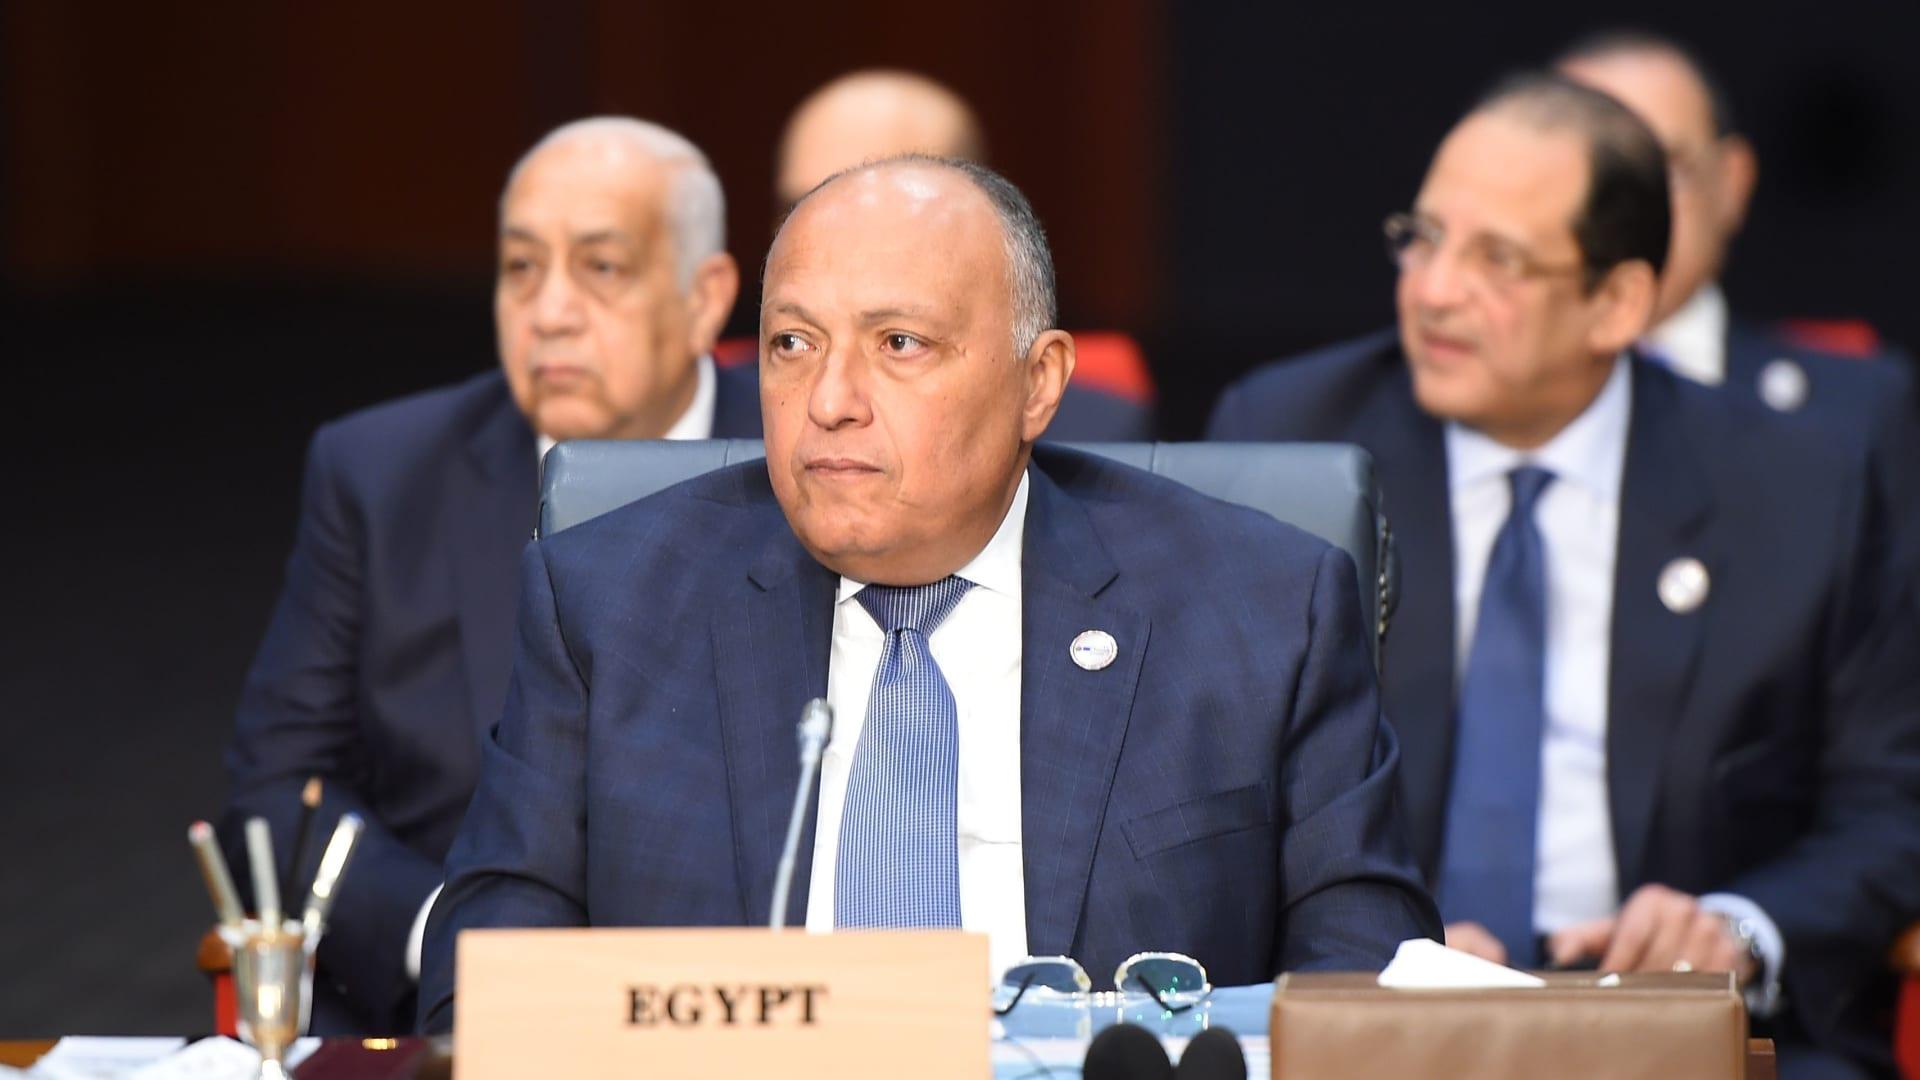 """وزير الخارجية المصري: """"تفاهمات واتصالات تمت"""" بشأن المصالحة مع قطر"""